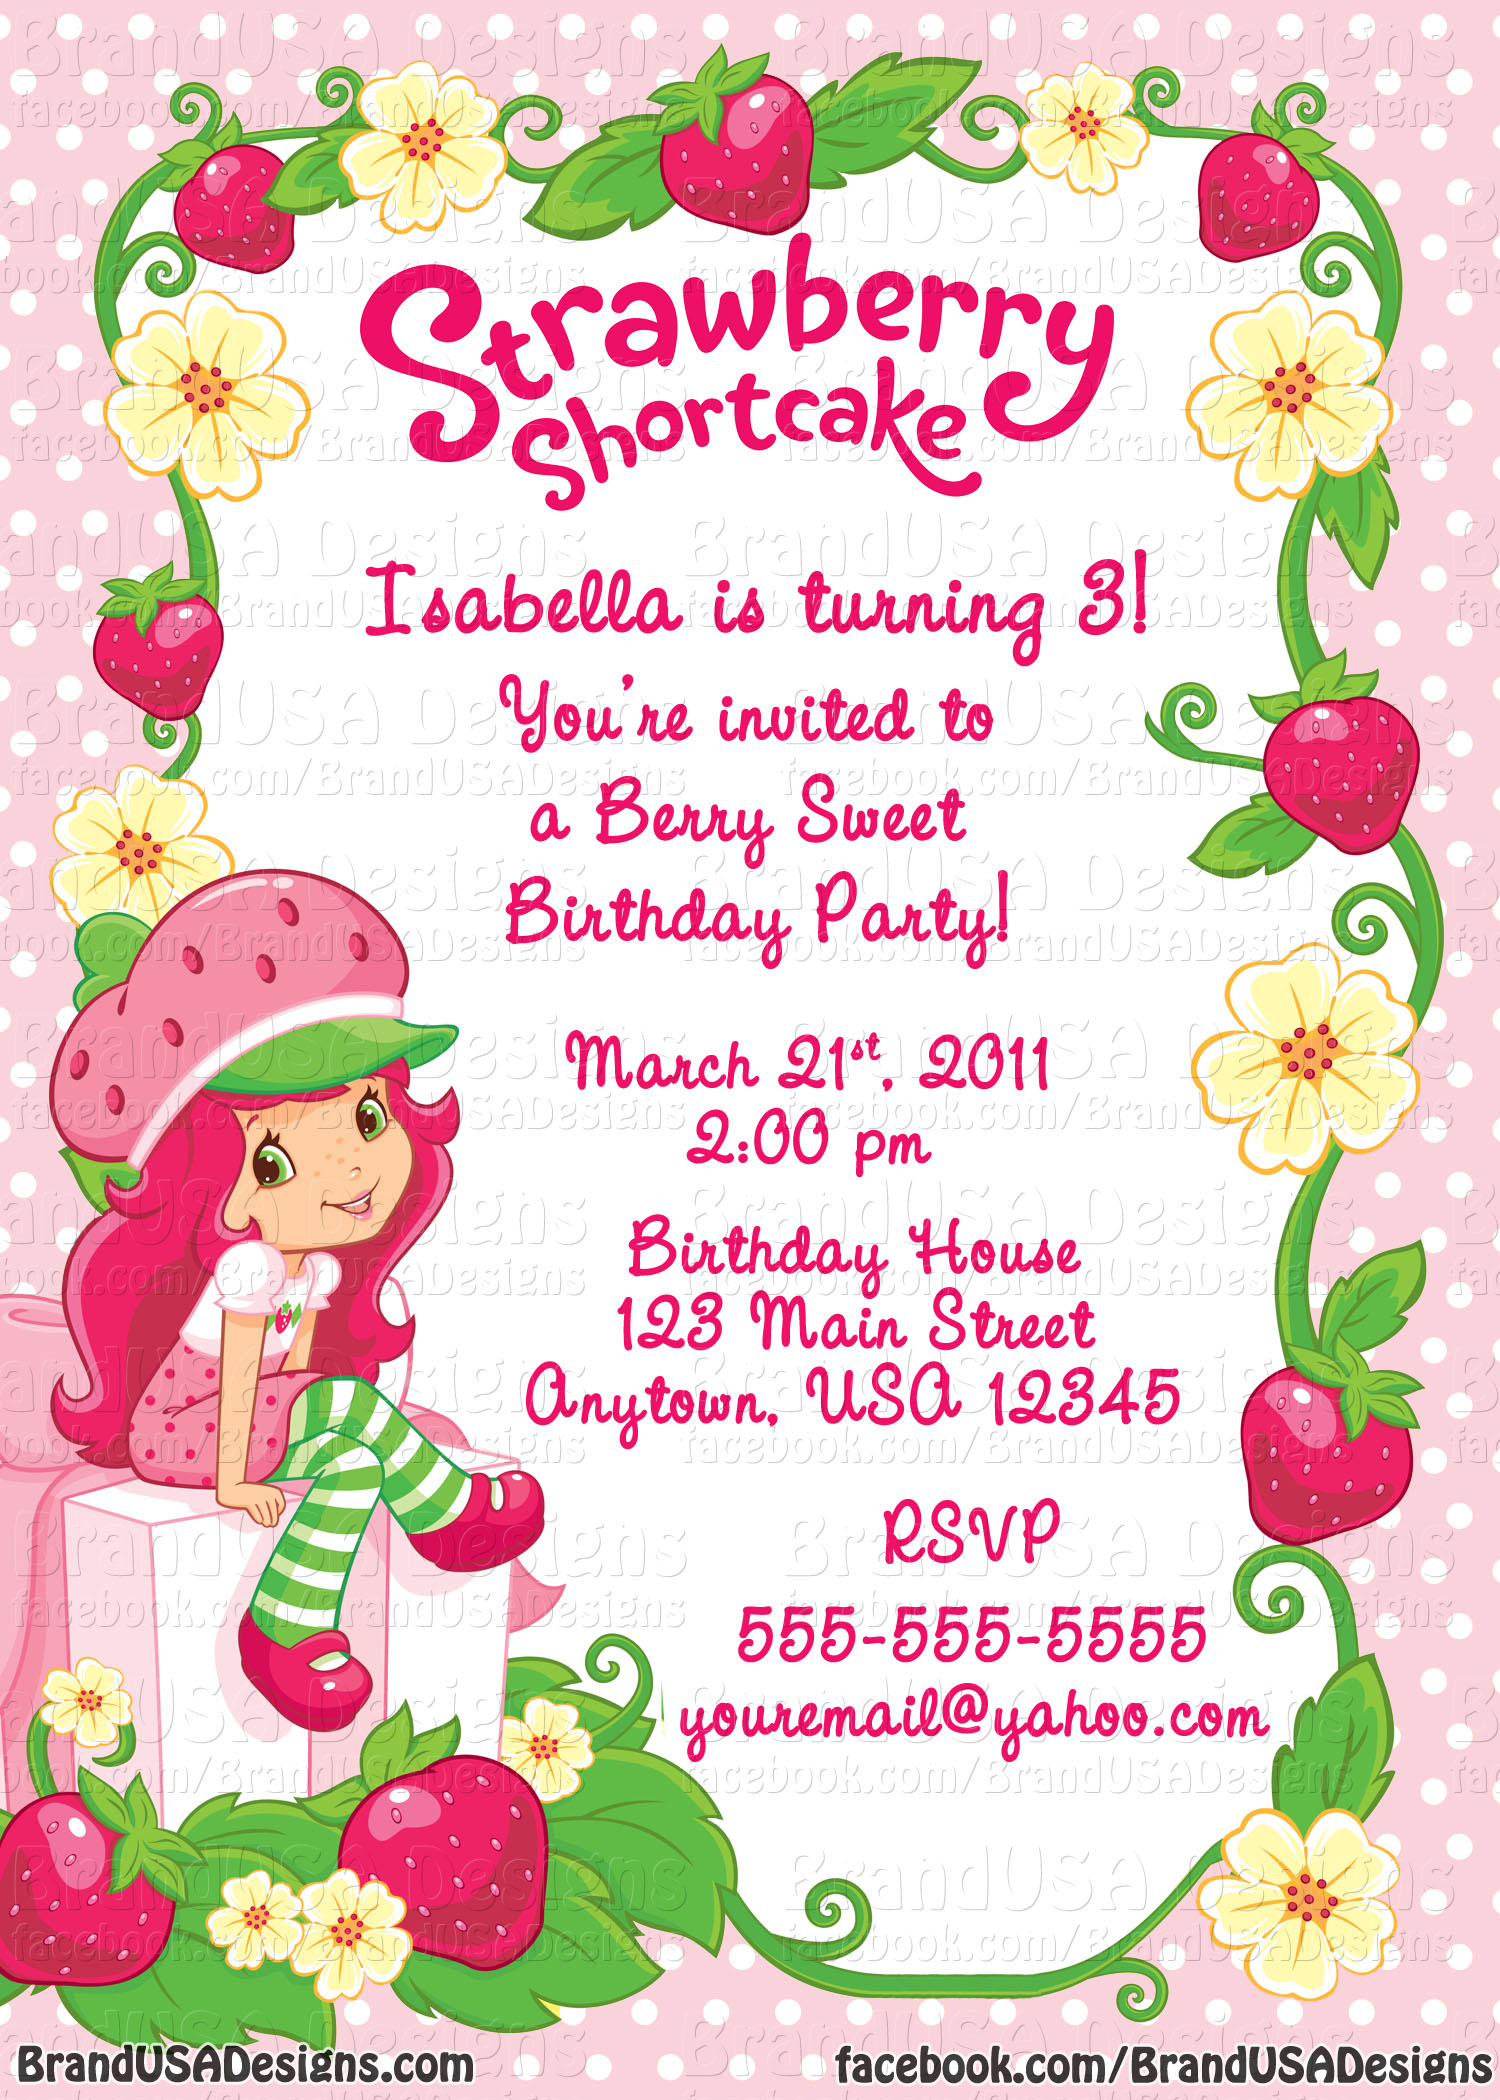 Strawberry Shortcake Background Strawberry sho 1500x2100